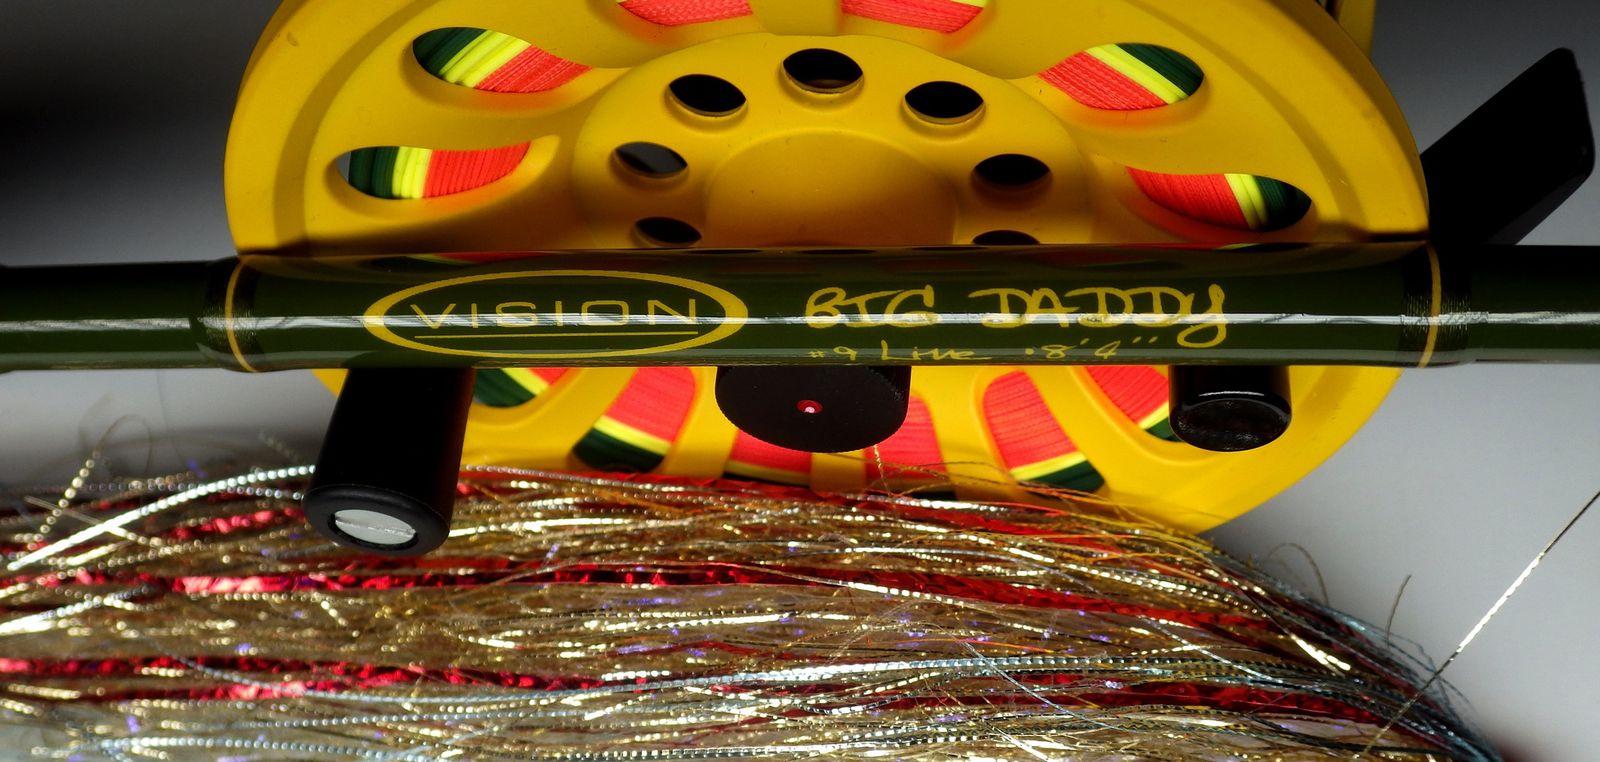 Matériel Vision, disponible au magasin et bientôt en test complet sur www.loisirsetpeche.com !